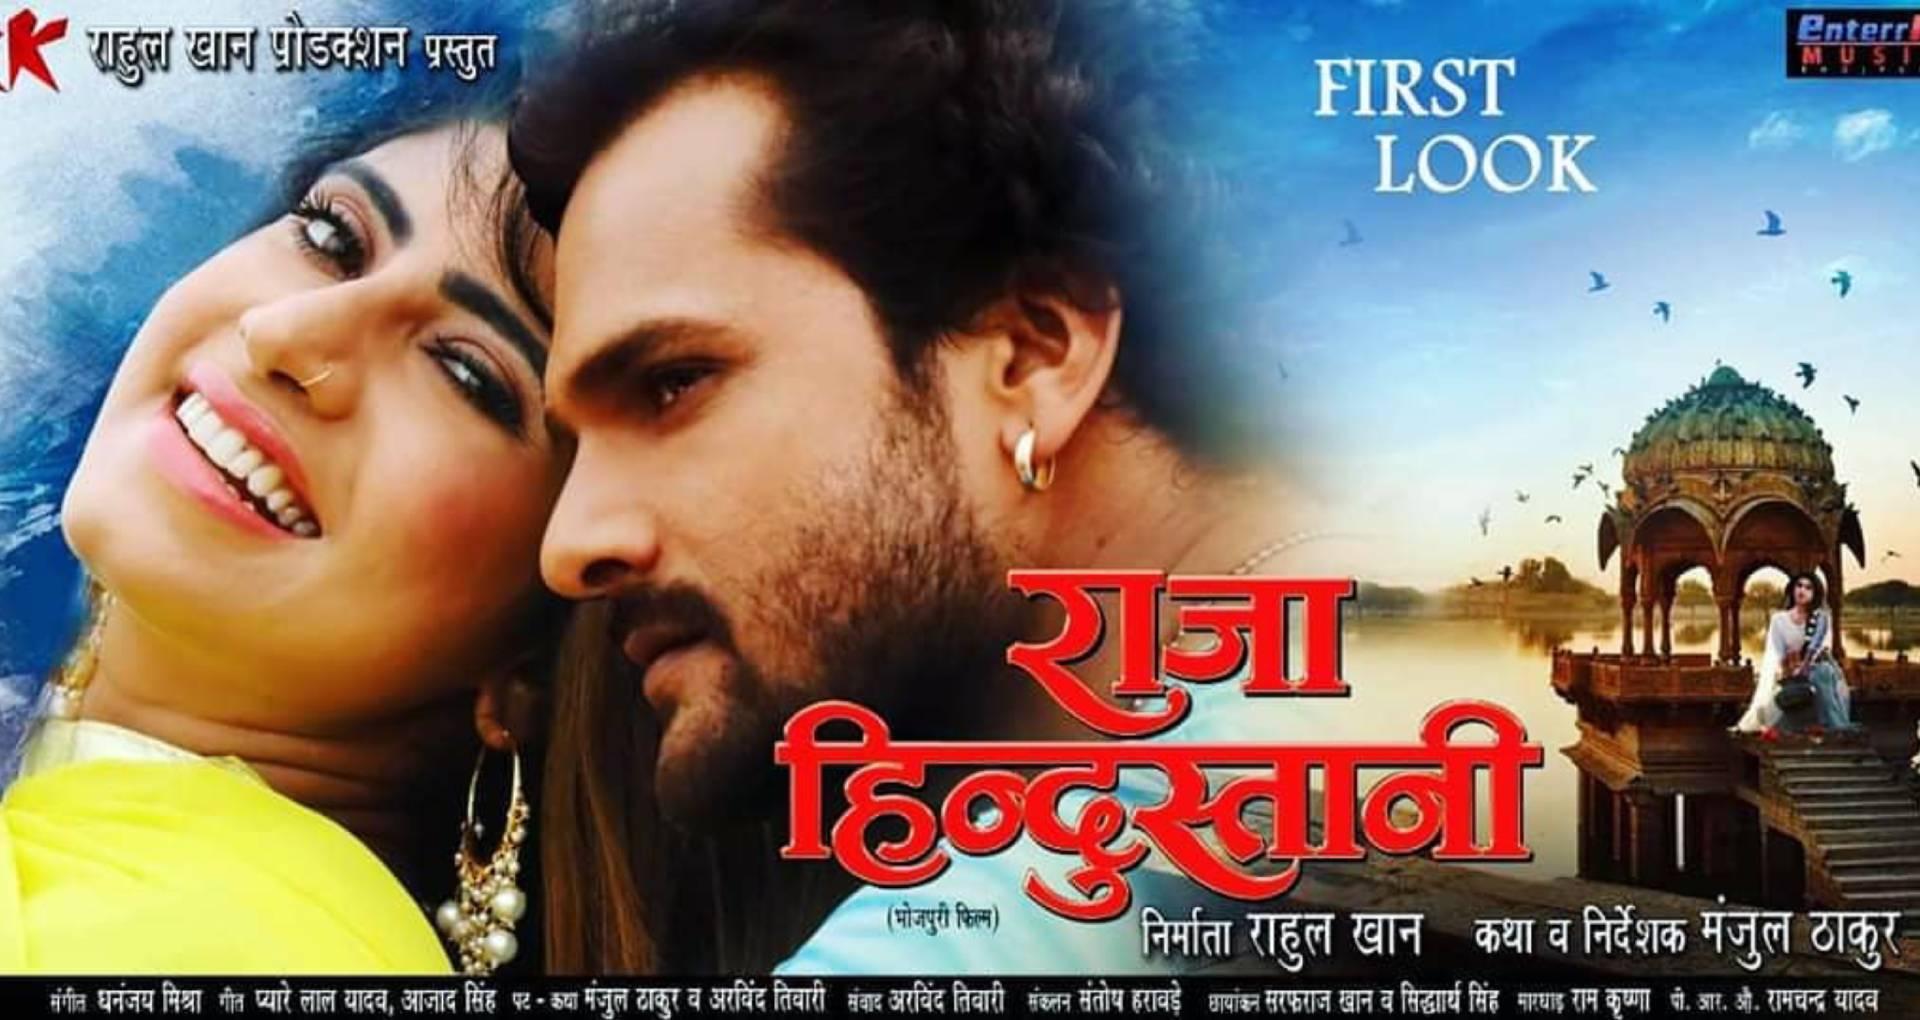 भोजपुरी फिल्म राजा हिंदुस्तानी का फर्स्ट लुक आउट, रोमांटिक अंदाज मे दिखे खेसारी लाल यादव और पूनम दुबे